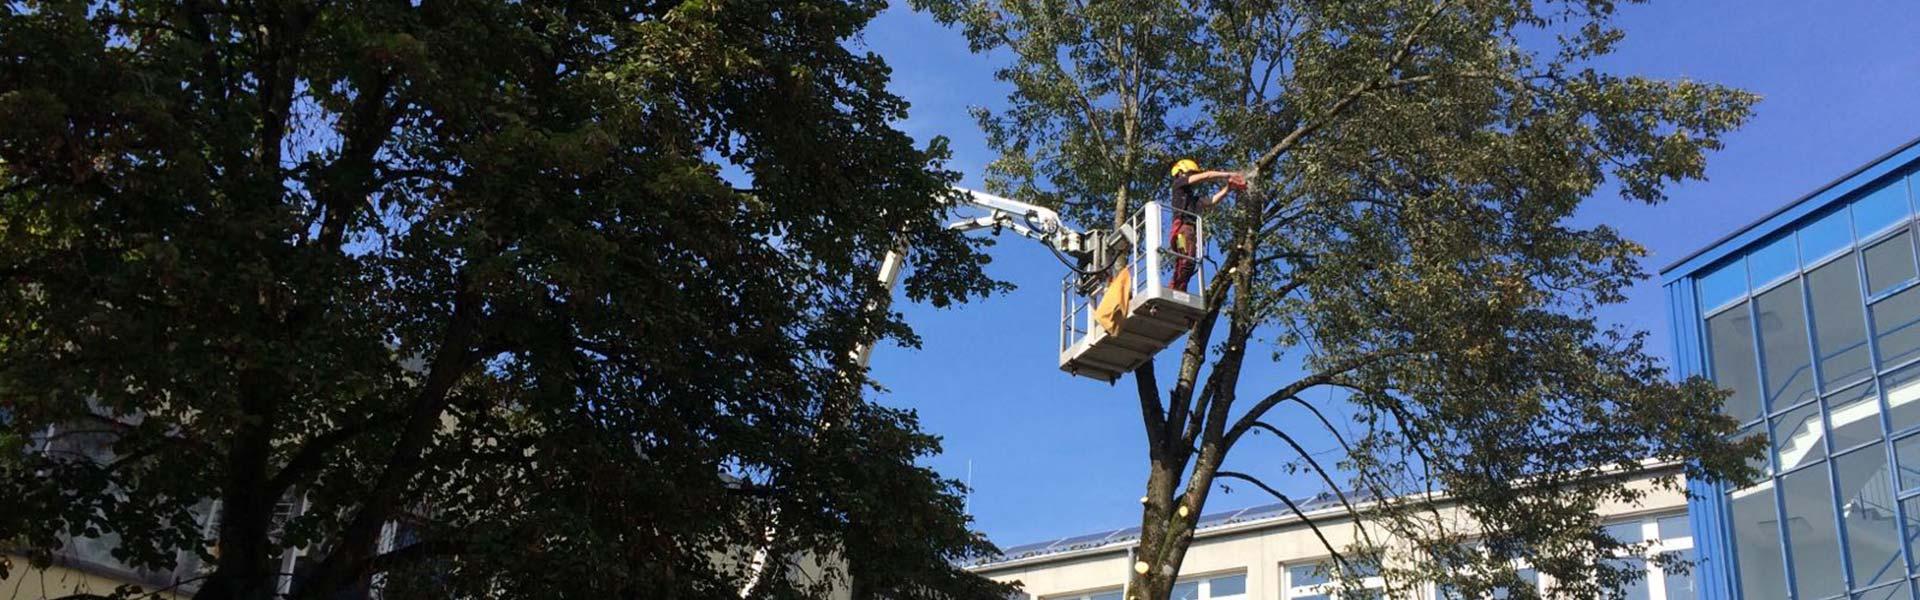 Rodungsarbeiten bei Passau